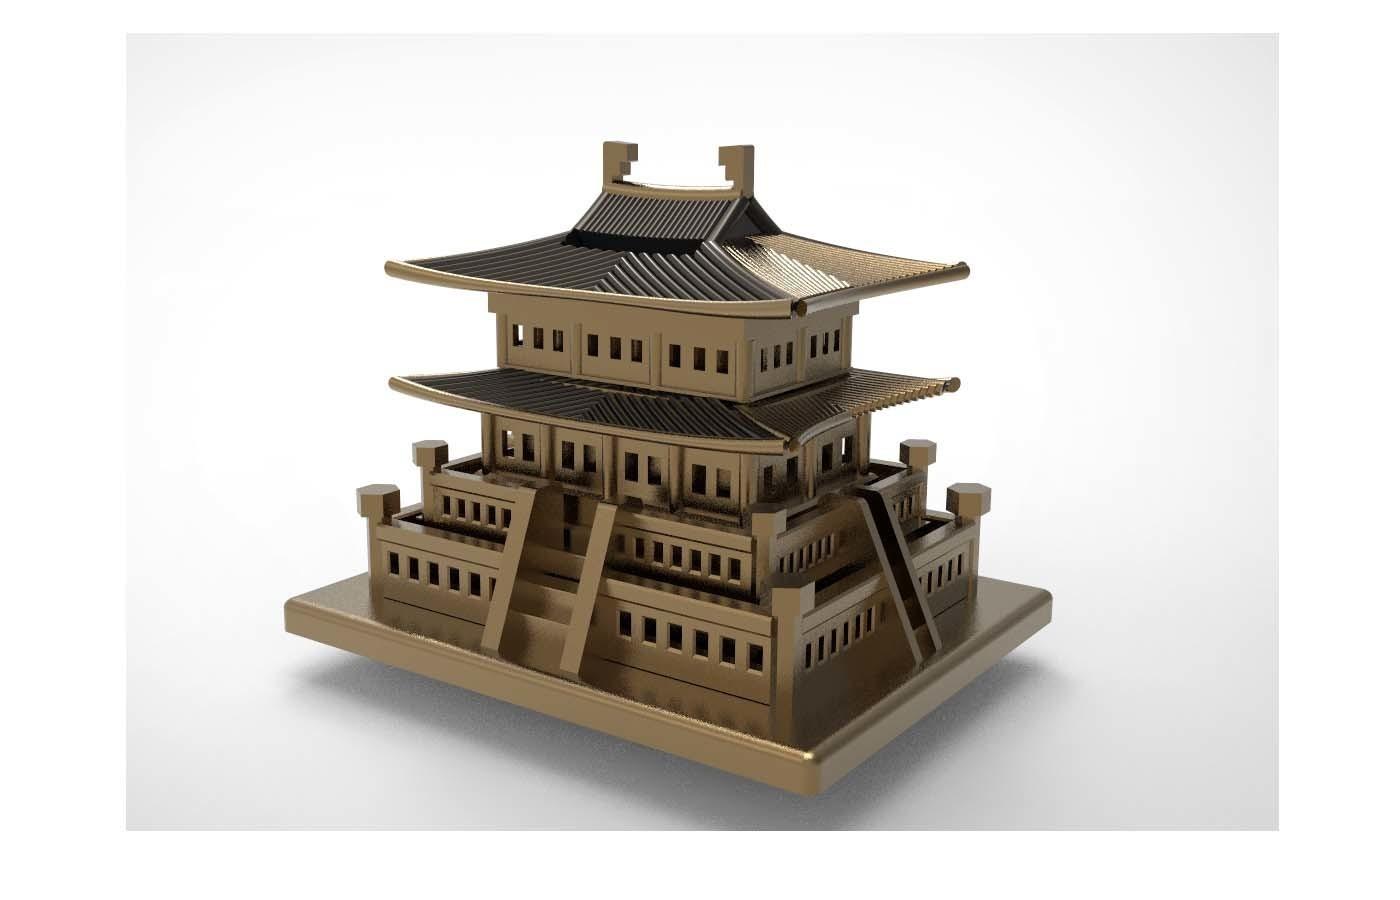 Korean Traditional Architecture Coin Bank ran1.jpg Télécharger fichier STL gratuit Banque Coréenne d'Architecture Traditionnelle de Pièces de monnaie • Design imprimable en 3D, hyojung0320